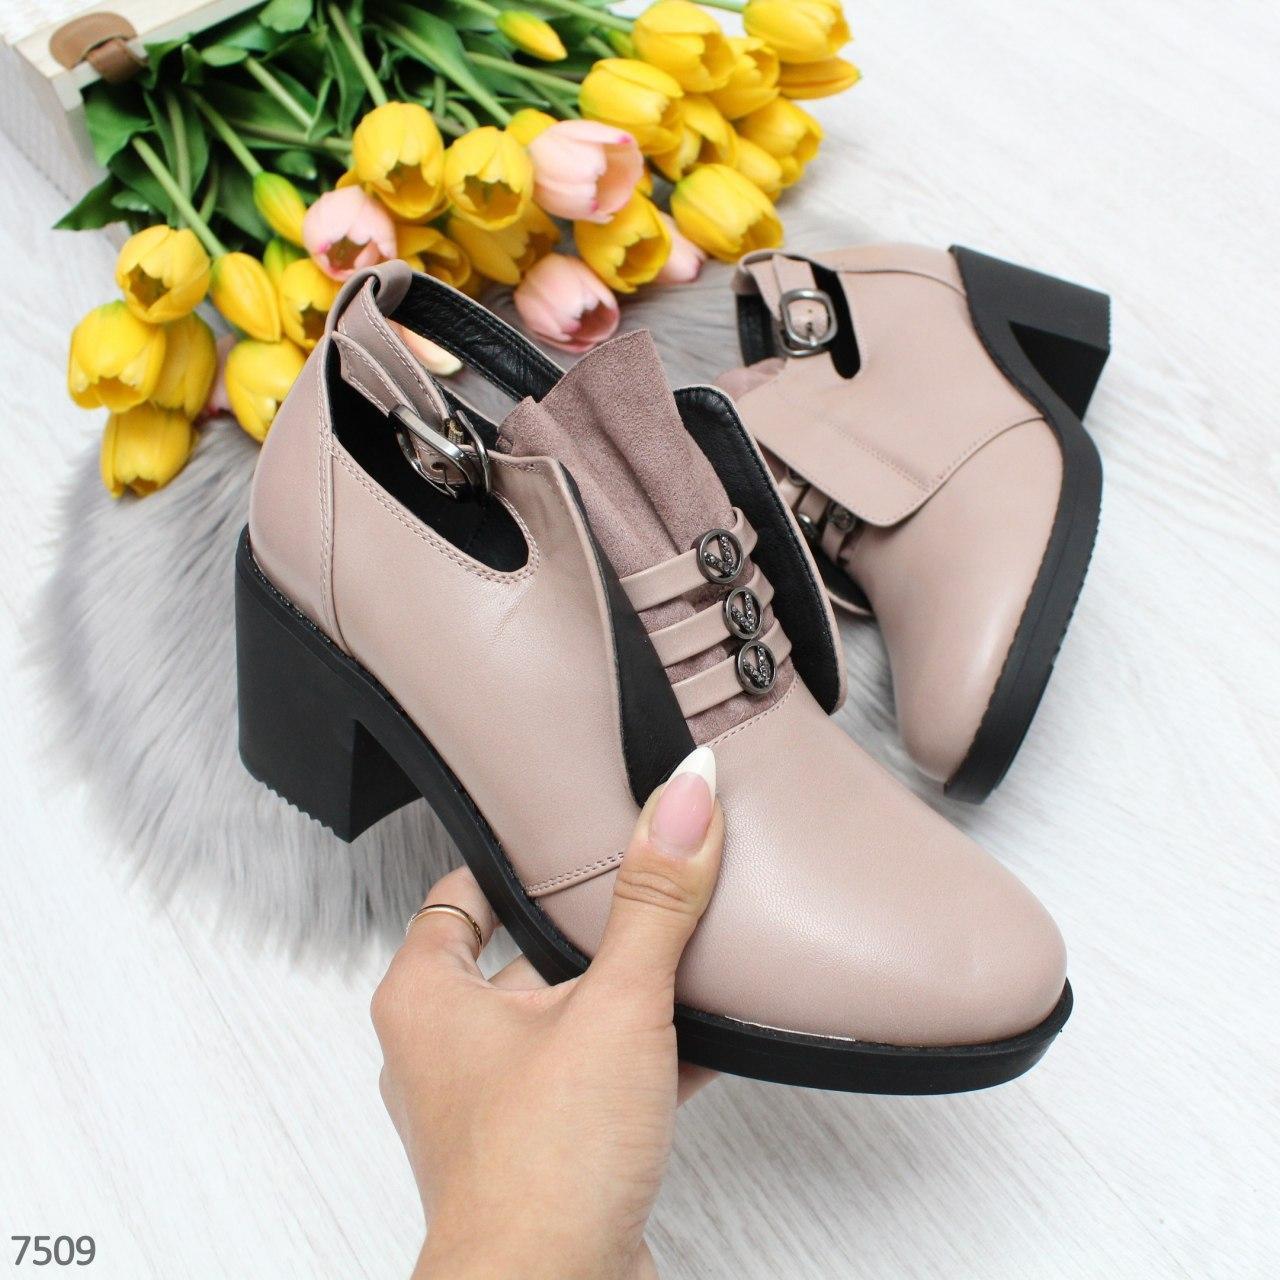 Женские закрытые демисезонные туфли из экокожи в пудровом цвете на каблуке OB7509